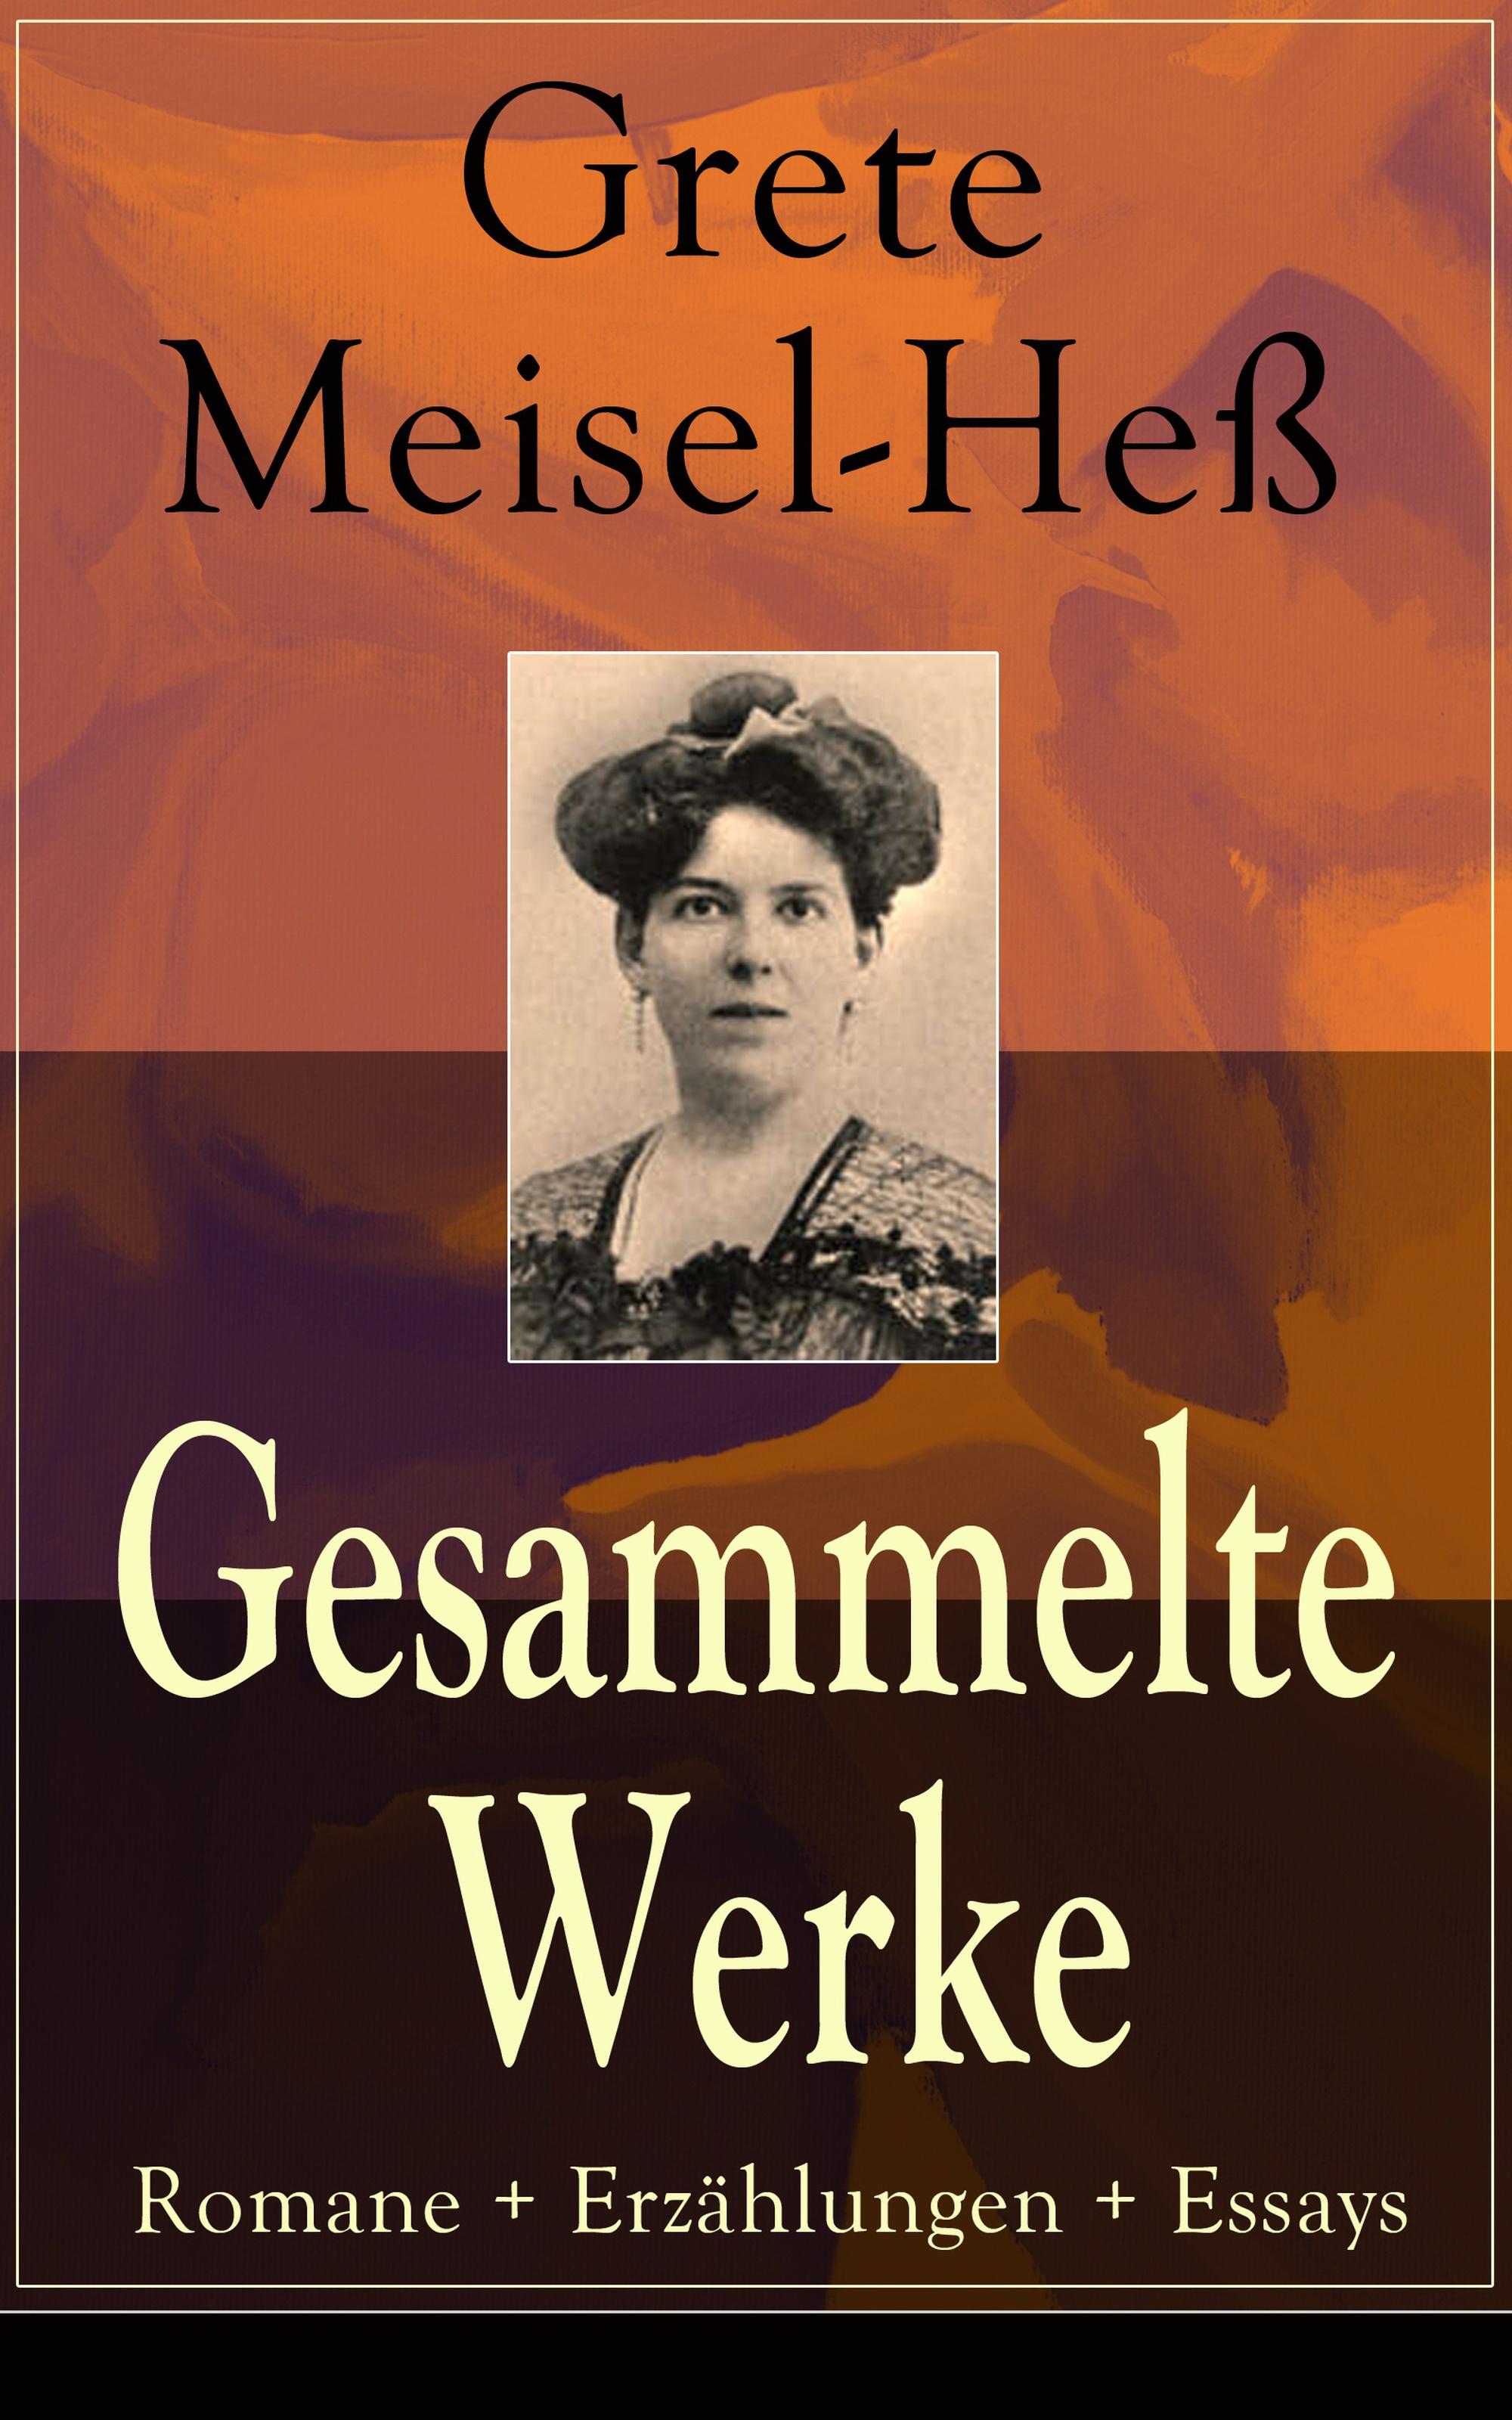 Grete Meisel-Heß Gesammelte Werke: Romane + Erzählungen + Essays стоимость